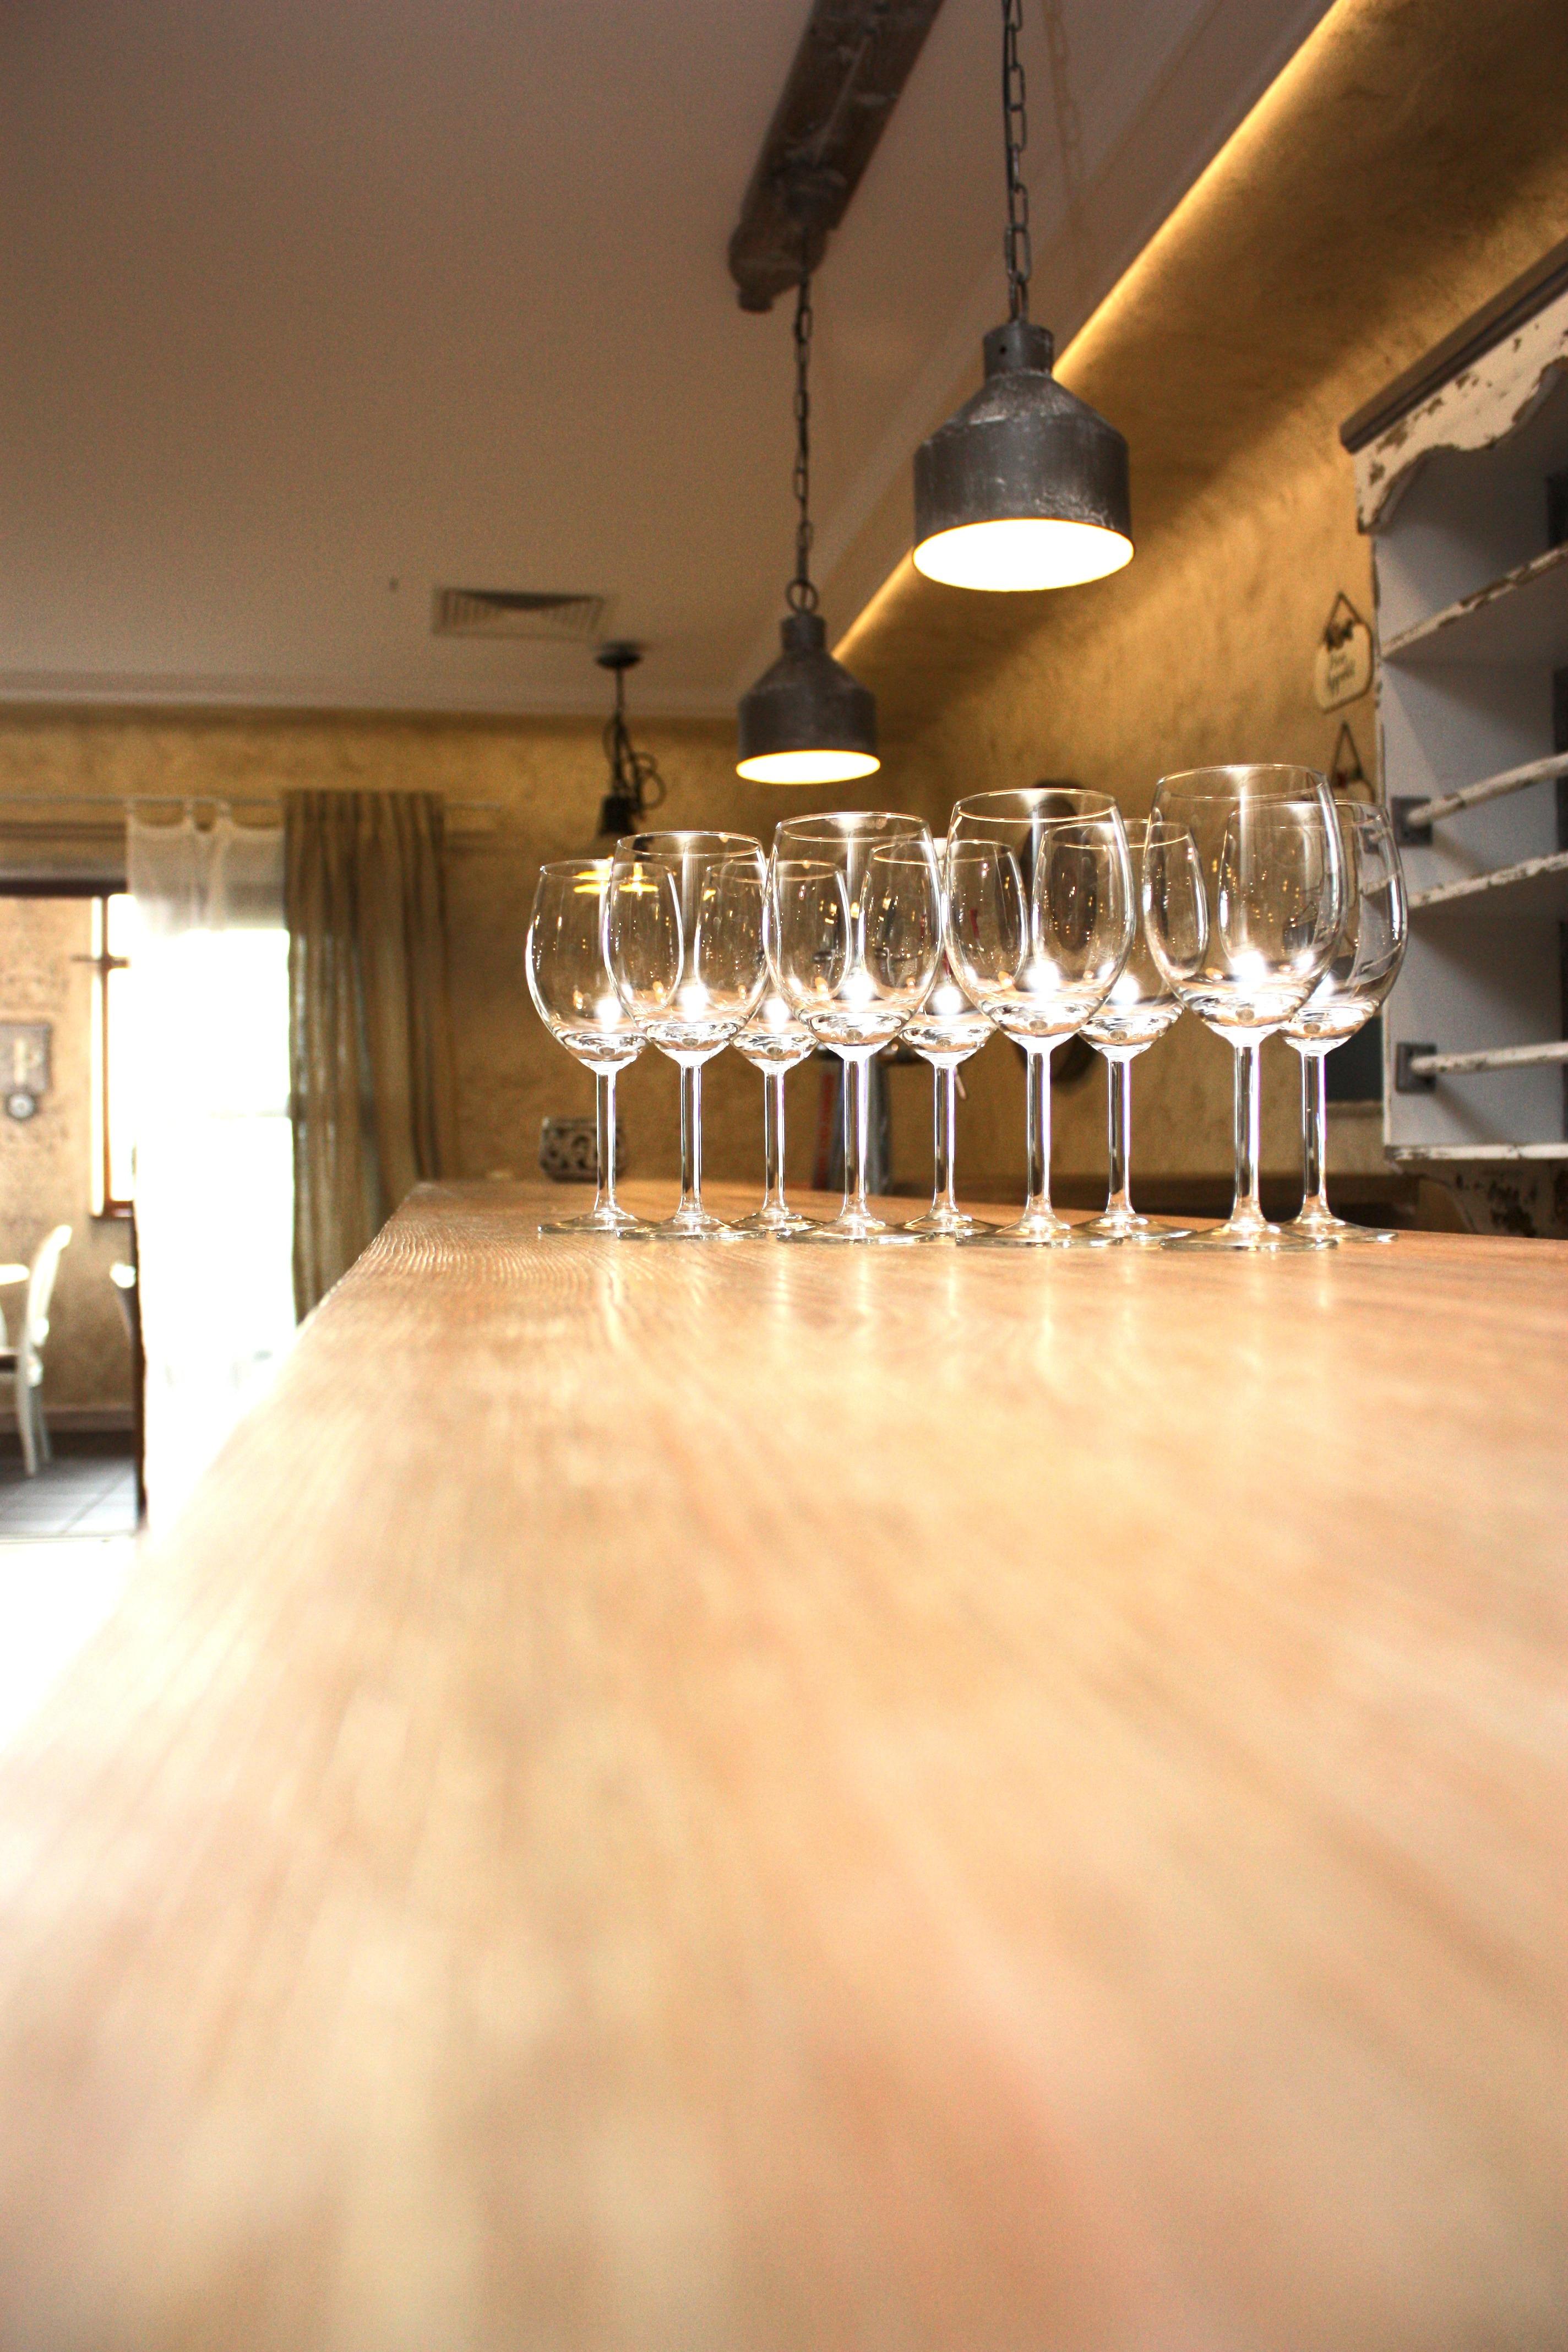 Leere Rotwein Gläser auf einer Bar ... CC0 1.0